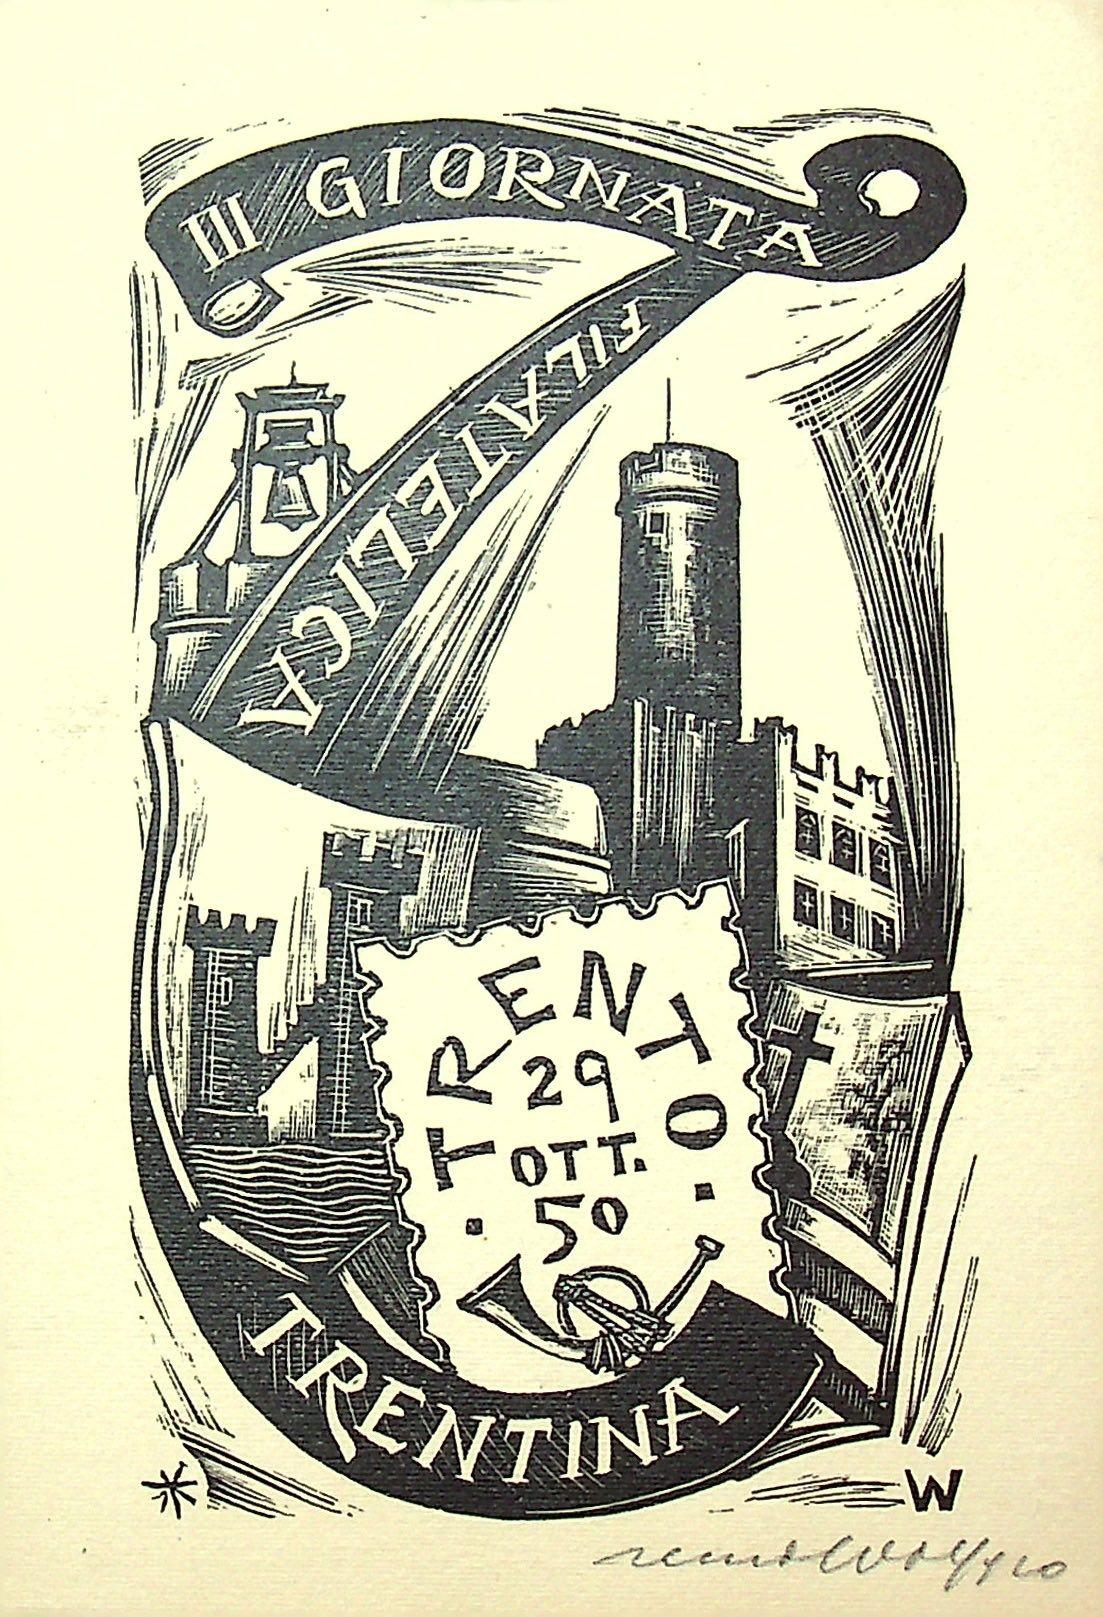 III giornata filatelica Trentina - Trento 29 ott. '50 .